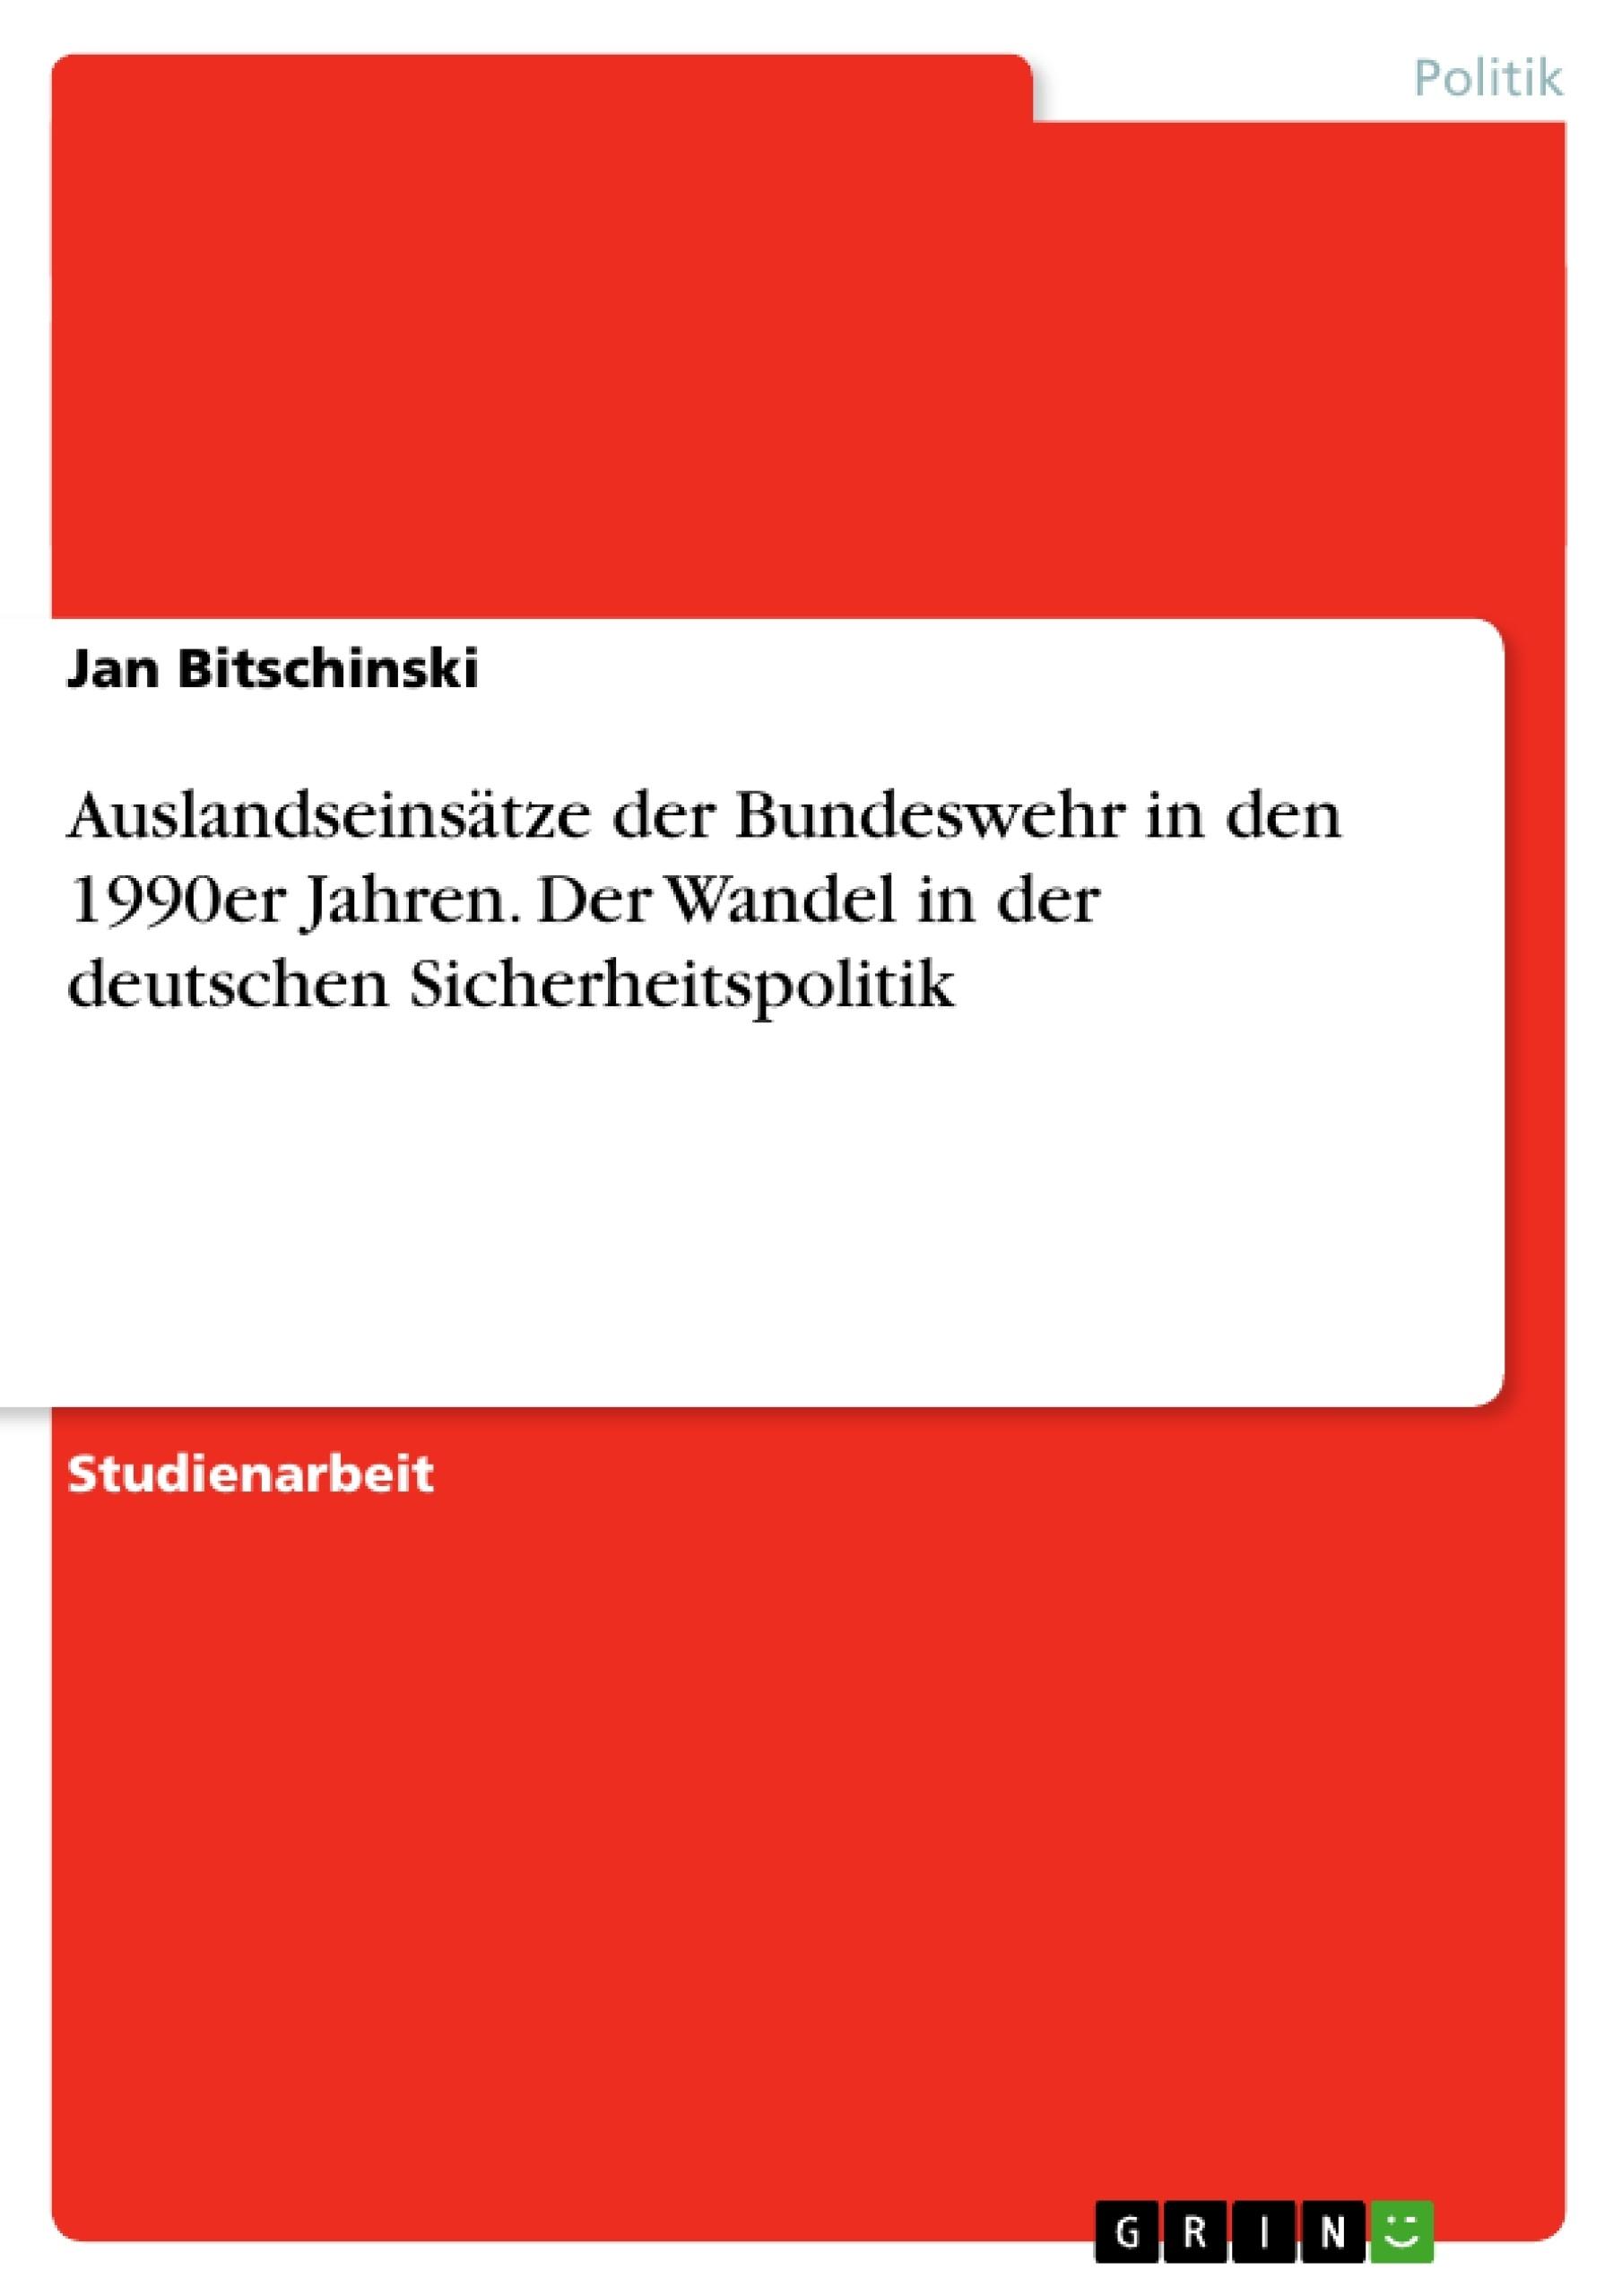 Titel: Auslandseinsätze der Bundeswehr in den 1990er Jahren. Der Wandel in der deutschen Sicherheitspolitik